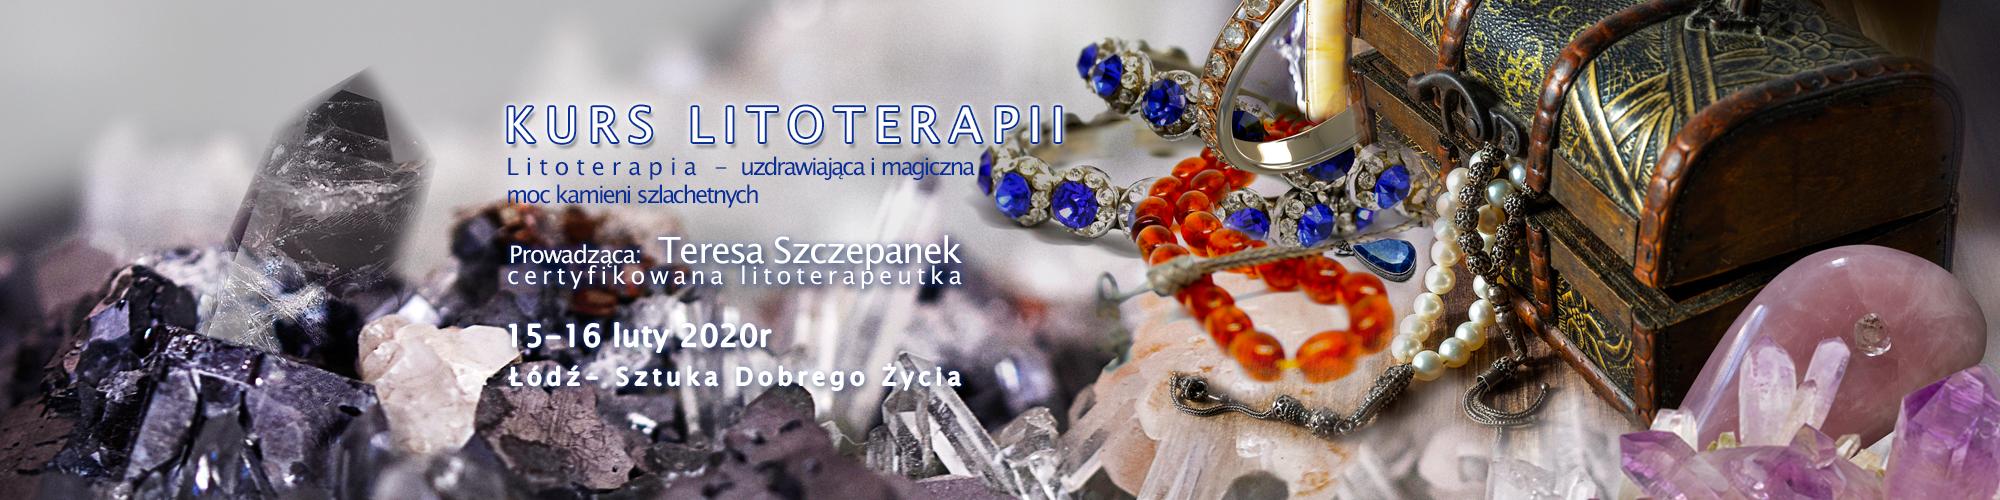 litoterapia1-banner